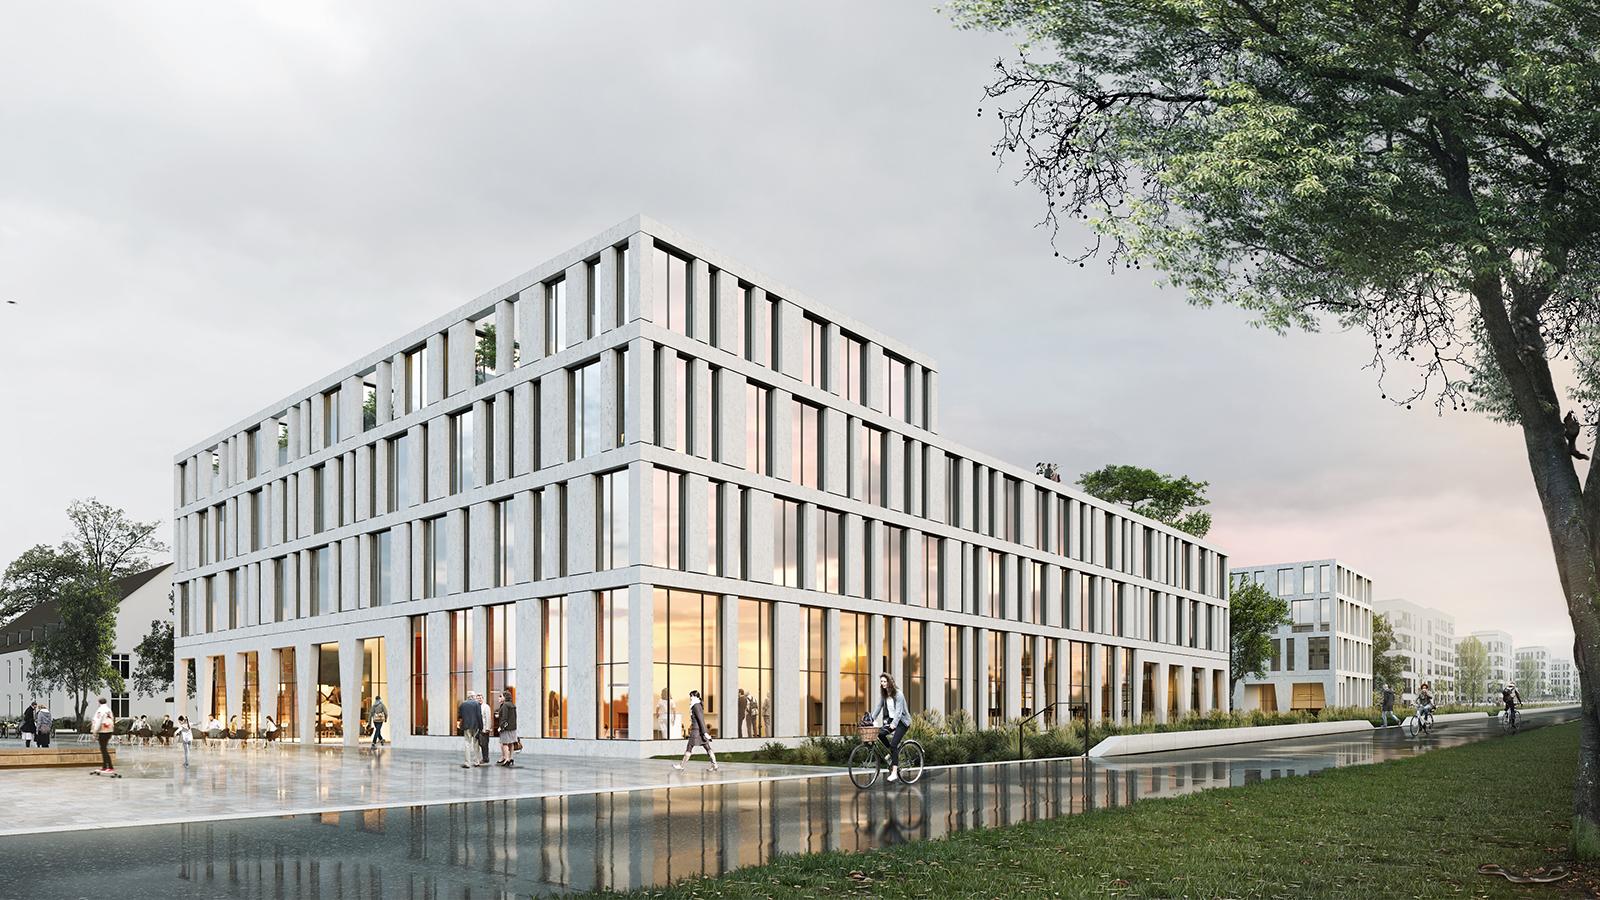 h2m-architekten-wettbewerb-ärztehaus-hubland-würzburg-visualisierung